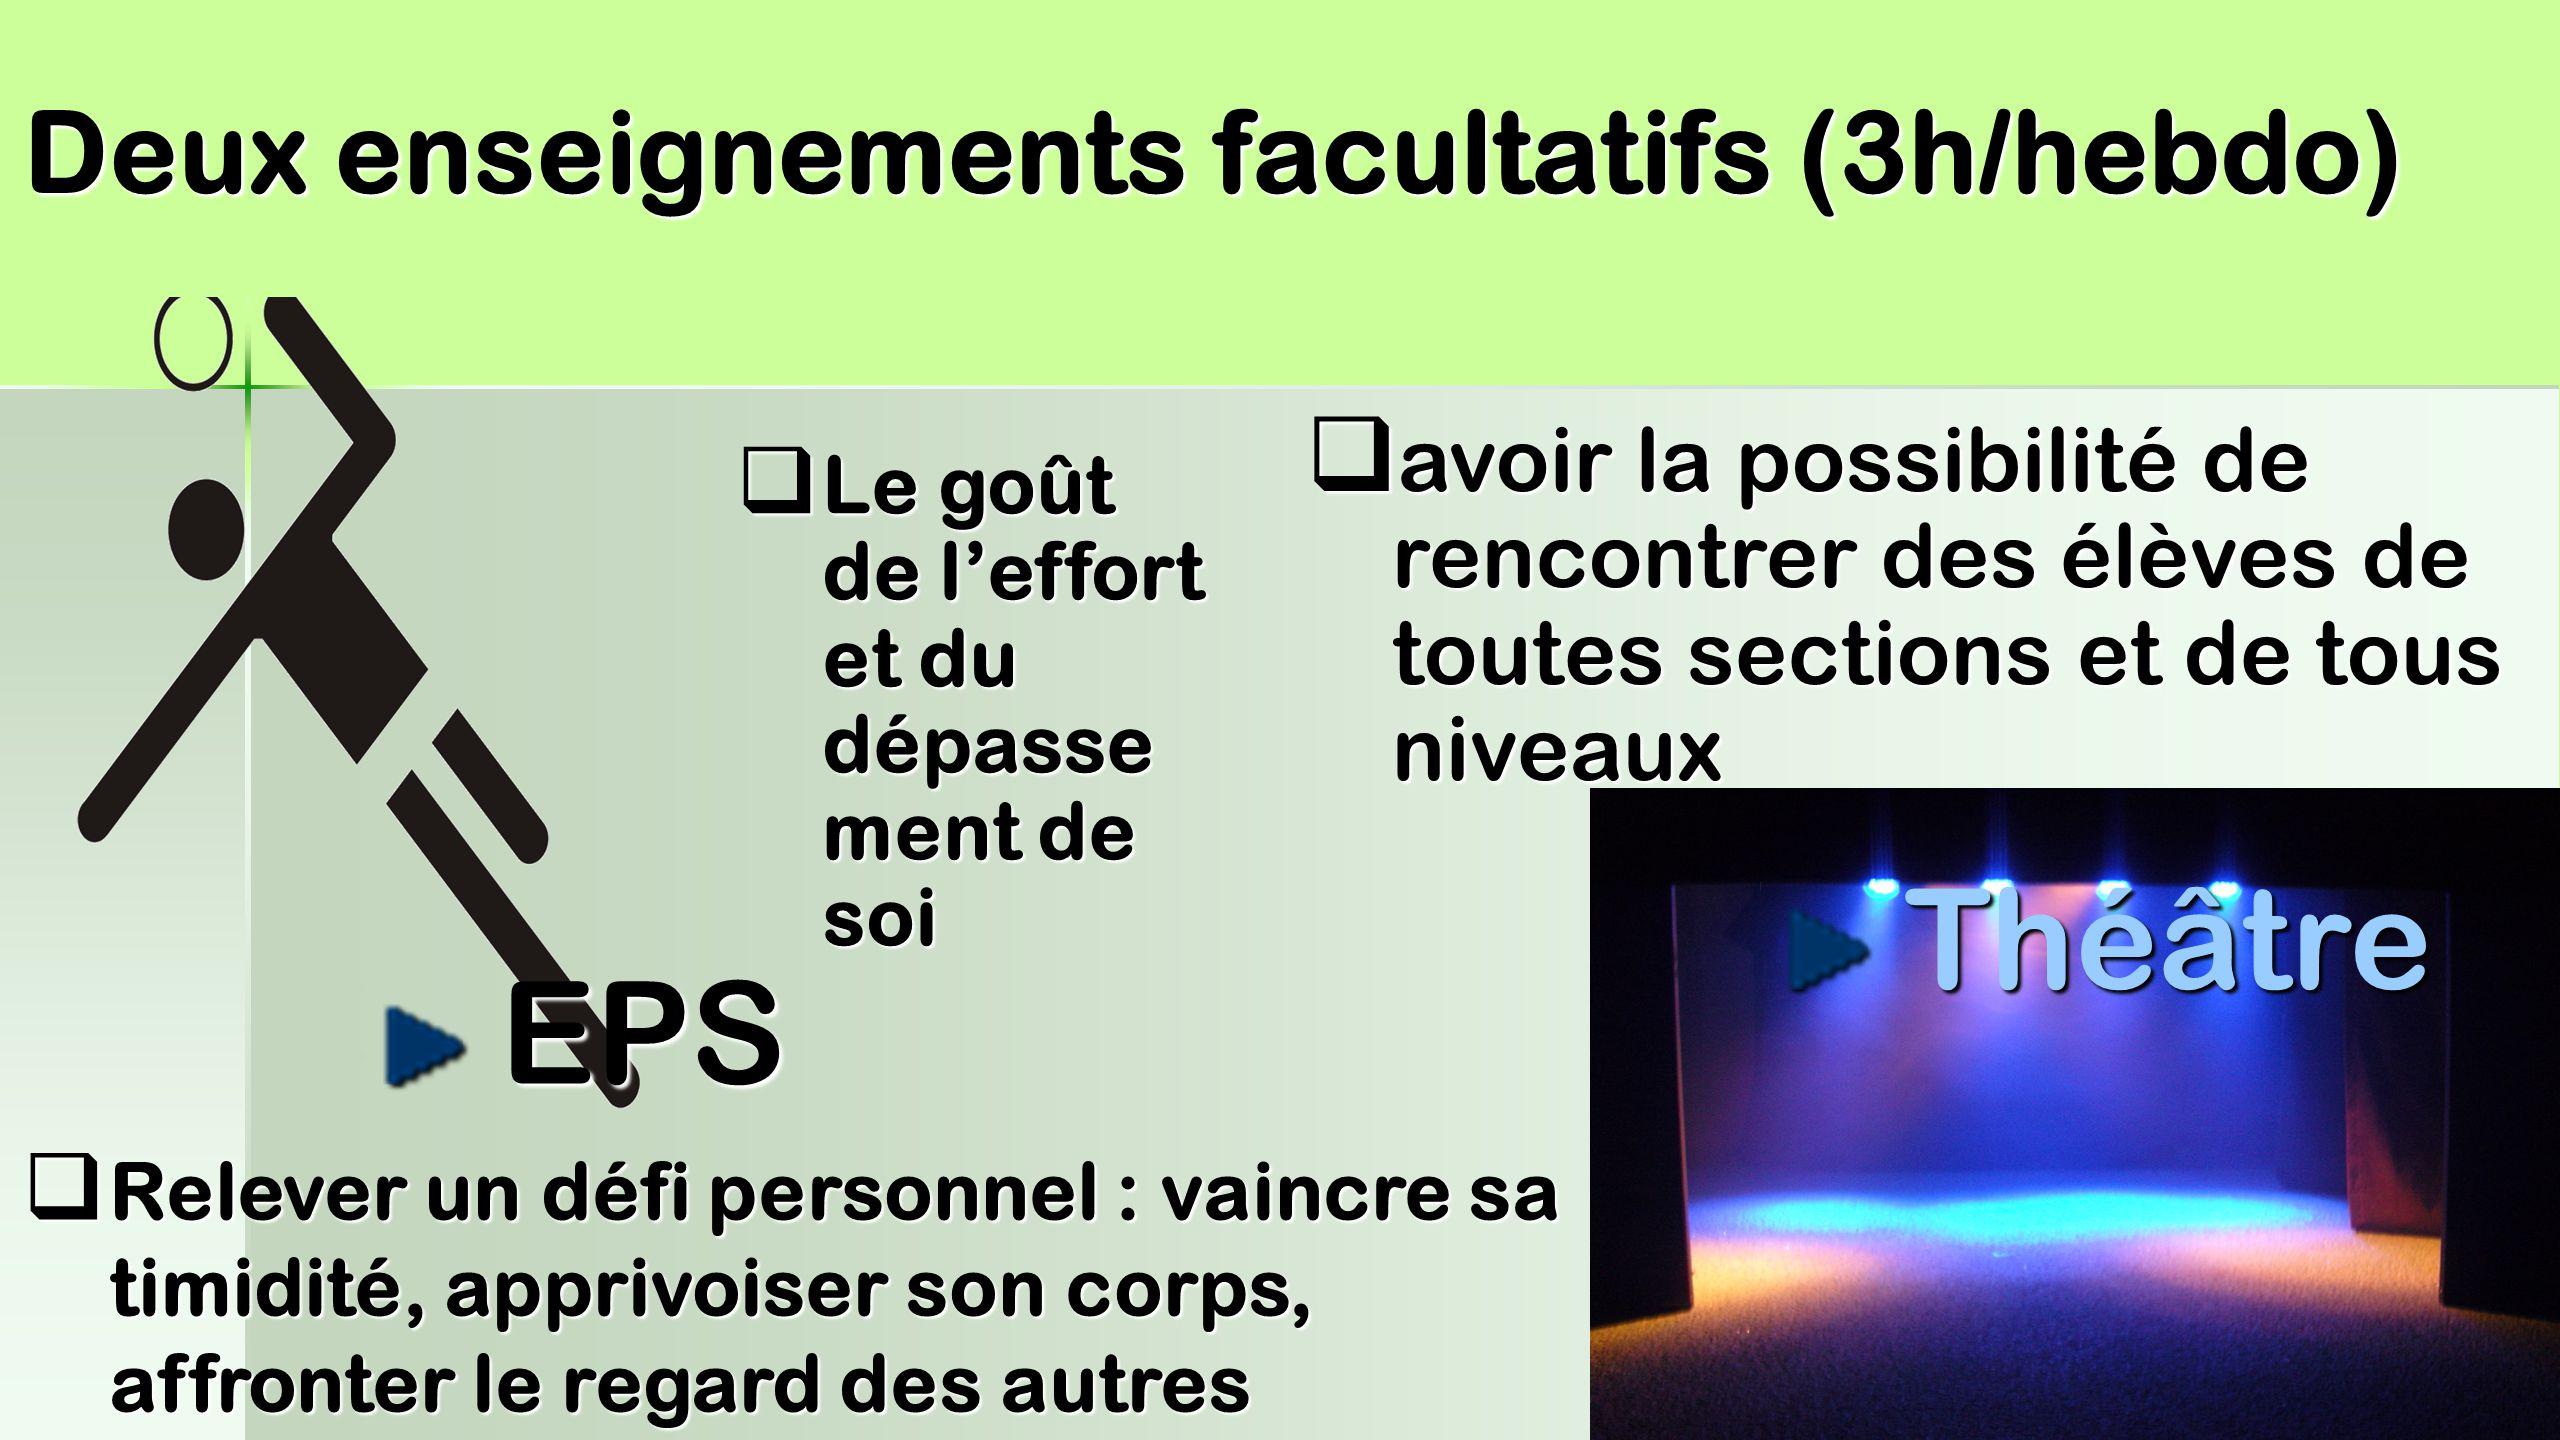 Deux enseignements facultatifs (3h/hebdo) EPS EPS Théâtre Théâtre aaaavoir la possibilité de rencontrer des élèves de toutes sections et de tous n